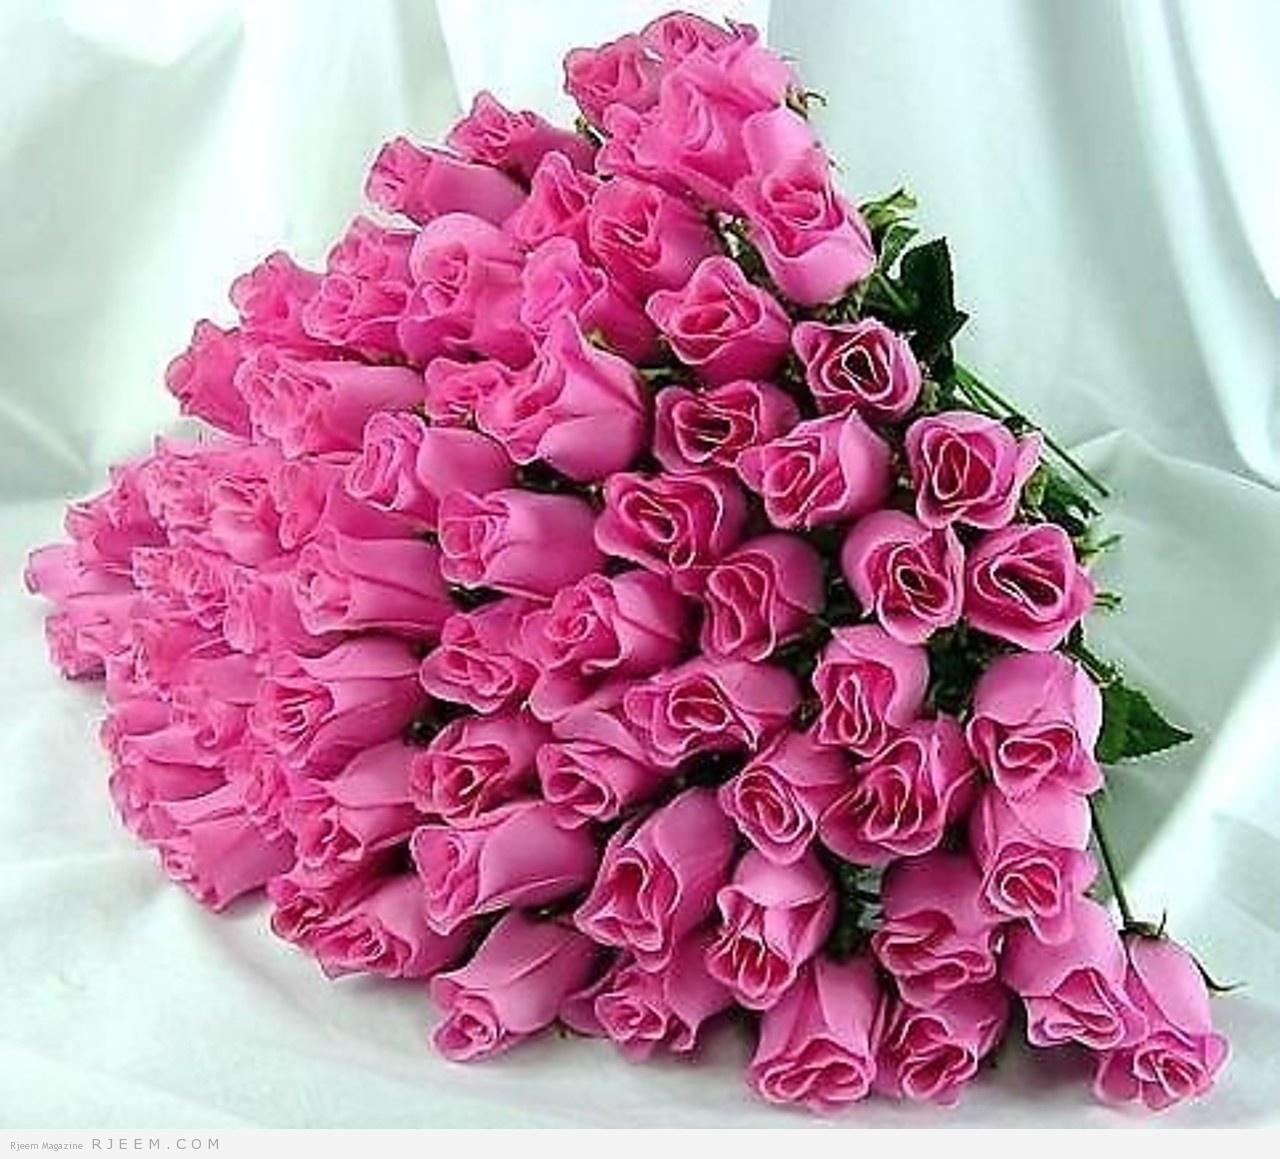 صور باقات زهور , اجمل الورد خاطفه للعيون